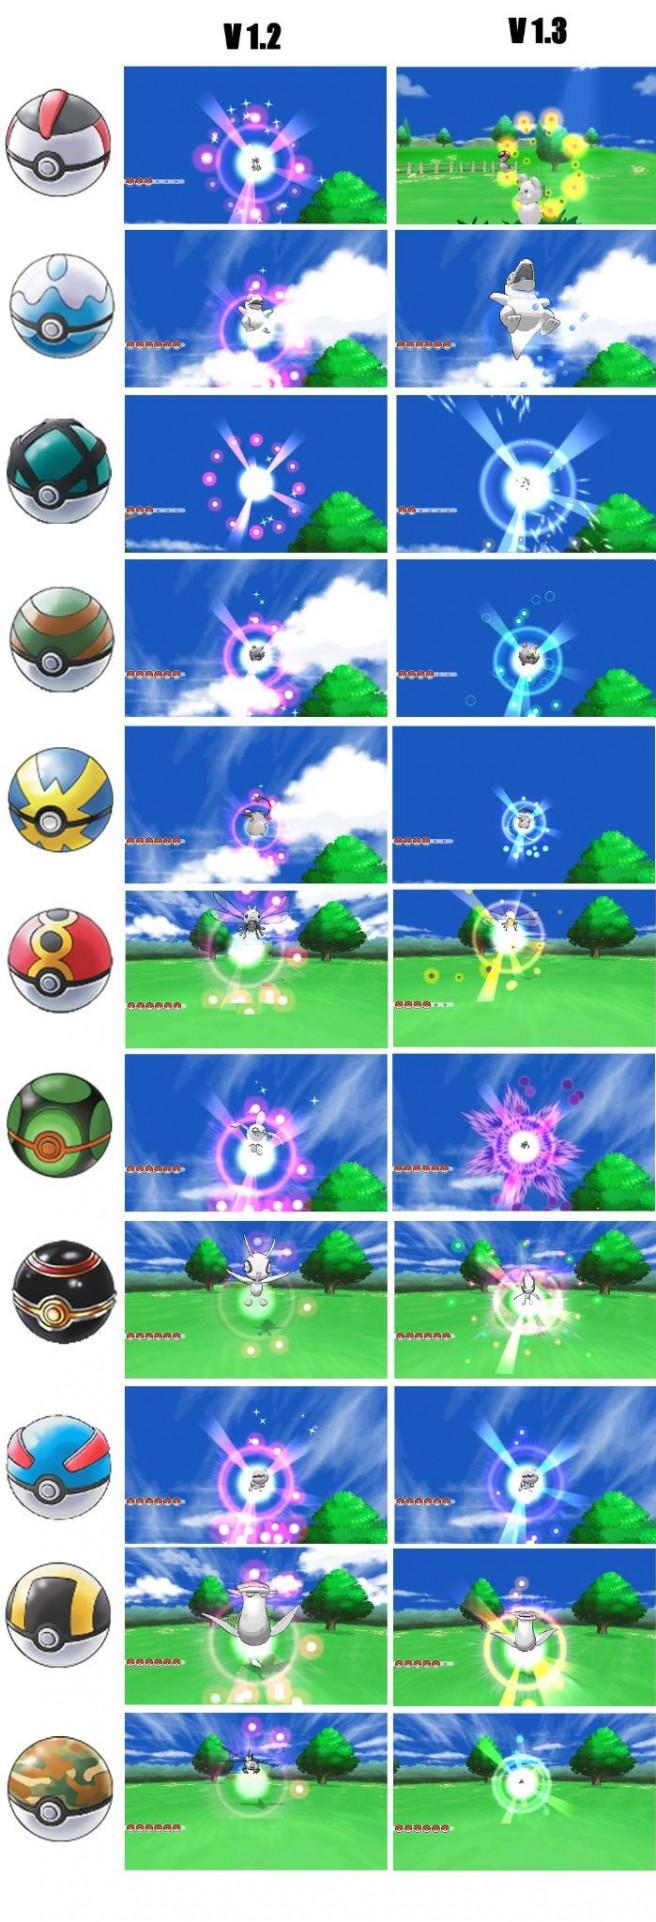 [GAMES] Pokémon X/Y - Atualização disponivel! - Página 18 Pokemon-update-pokeball-anim-656x1922